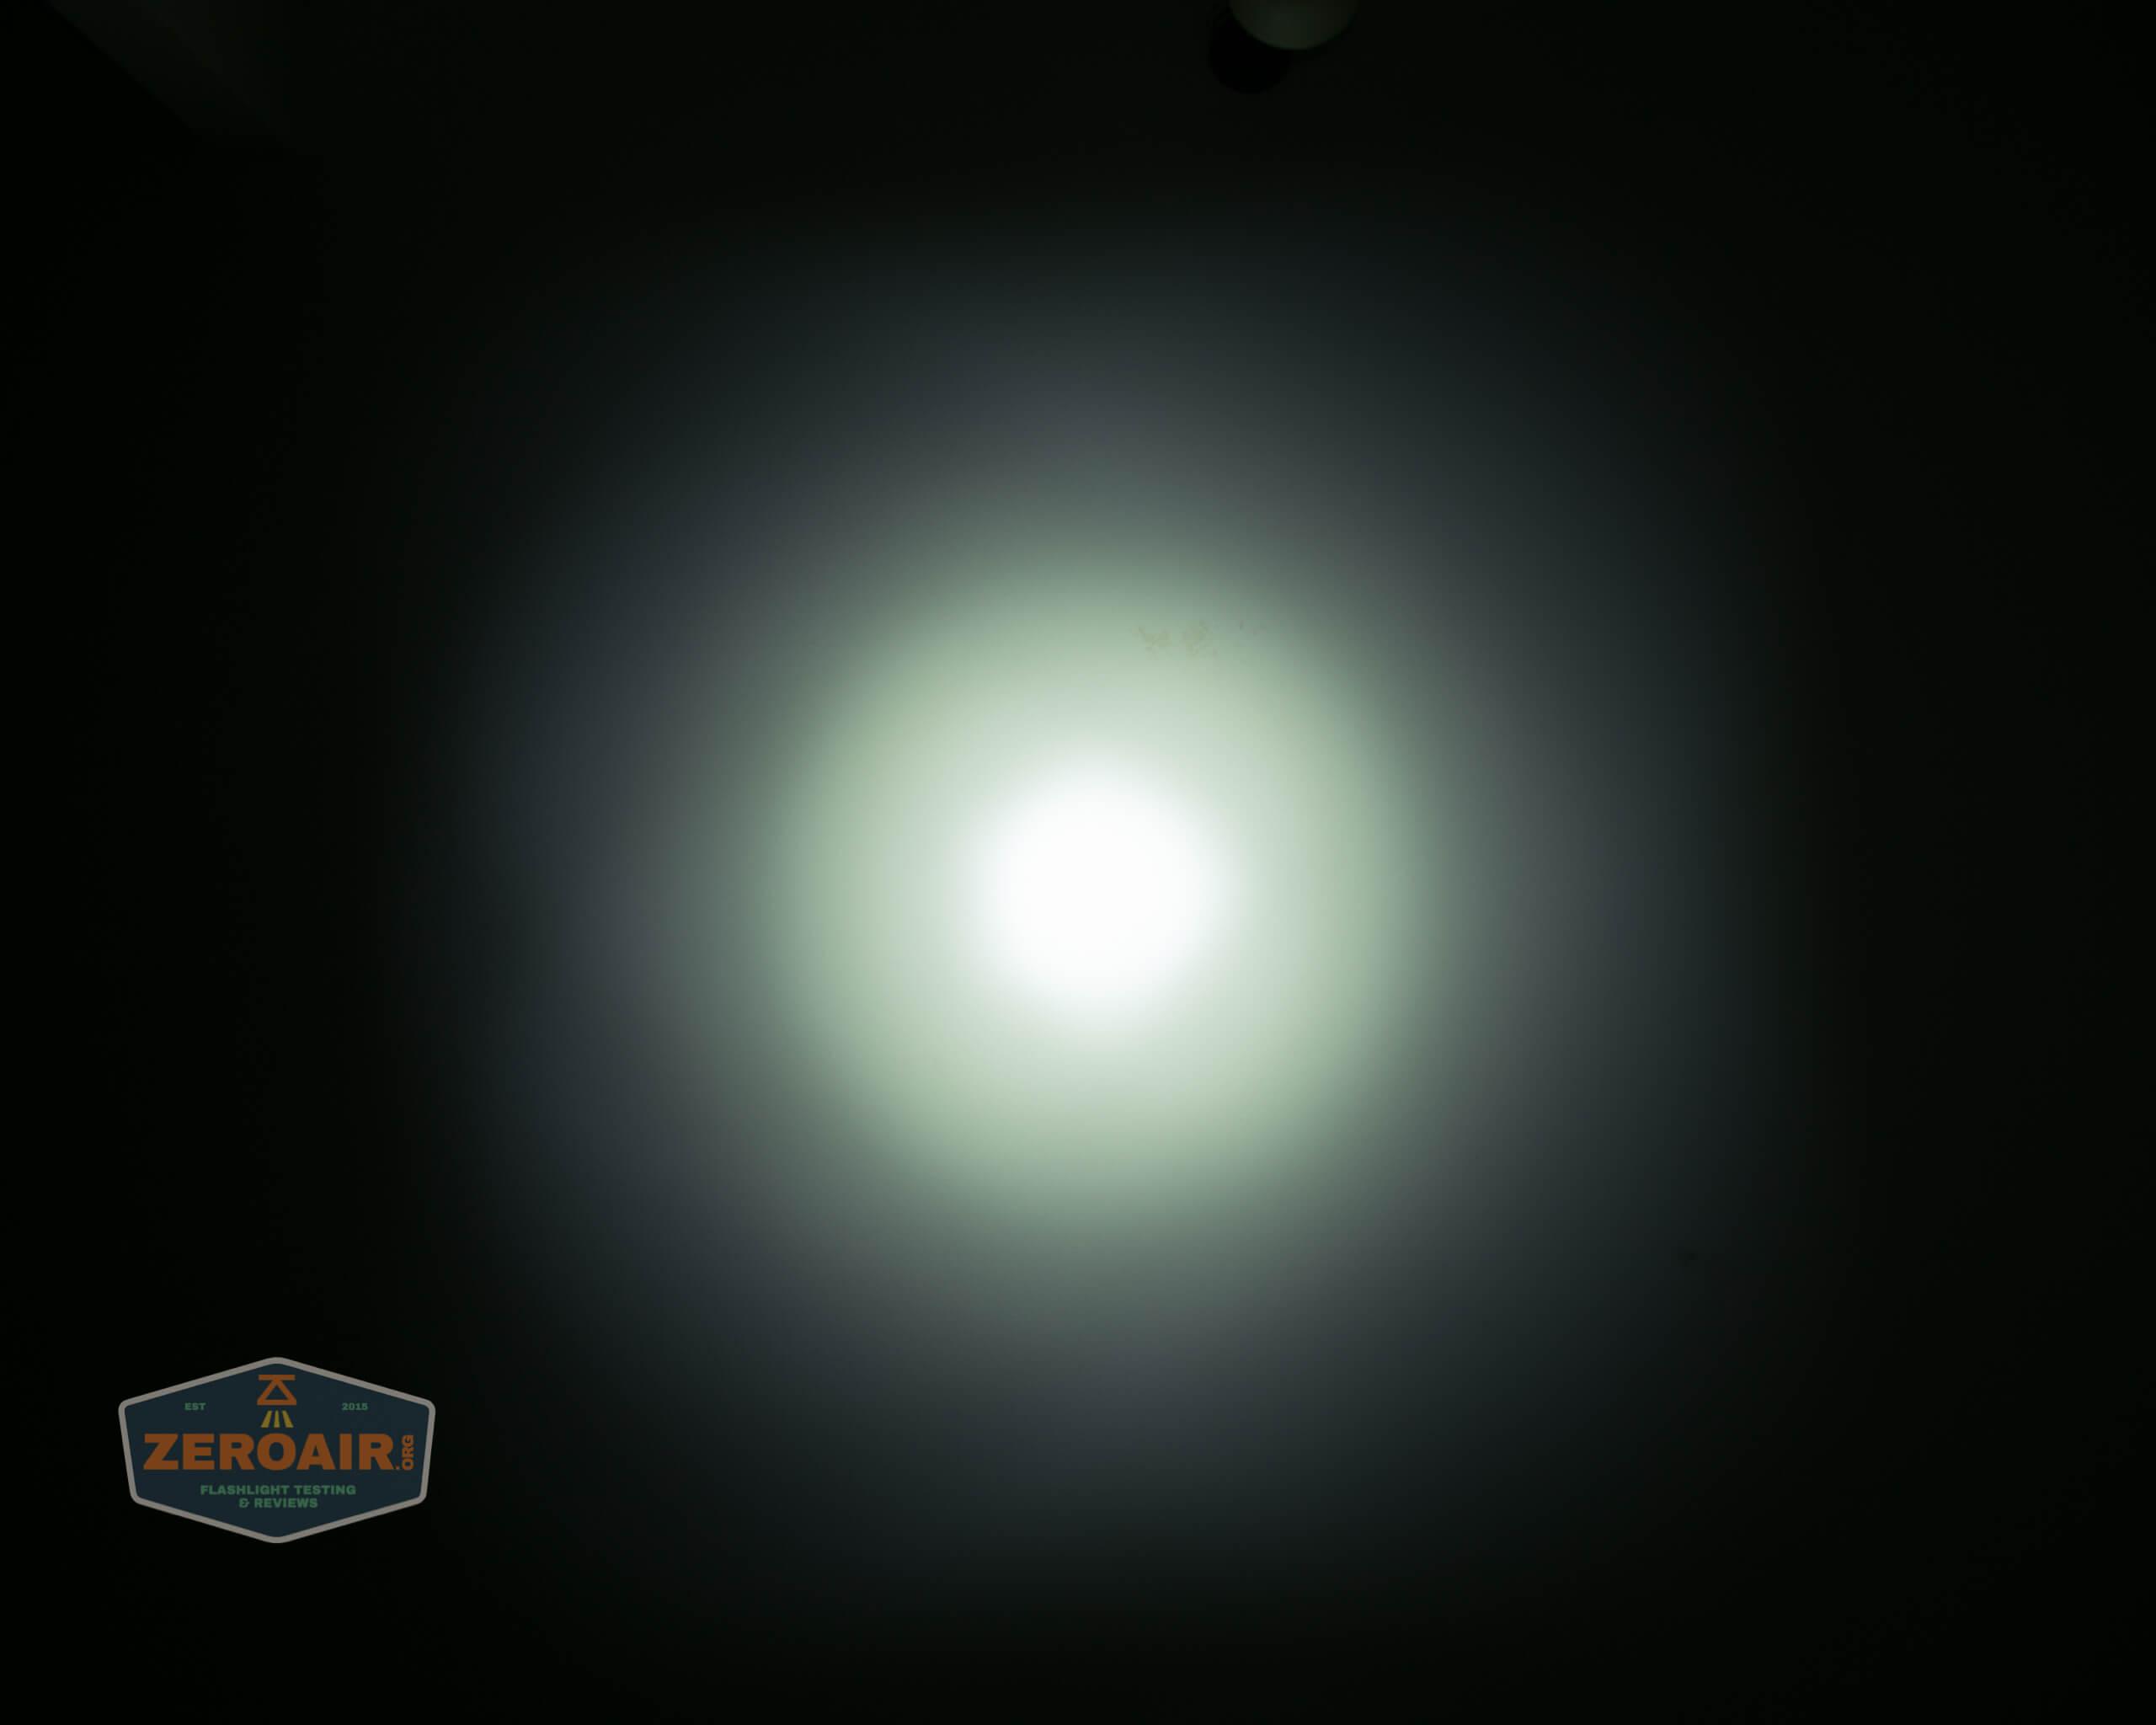 olight freyr rgb flashlight ceiling beamshots 2